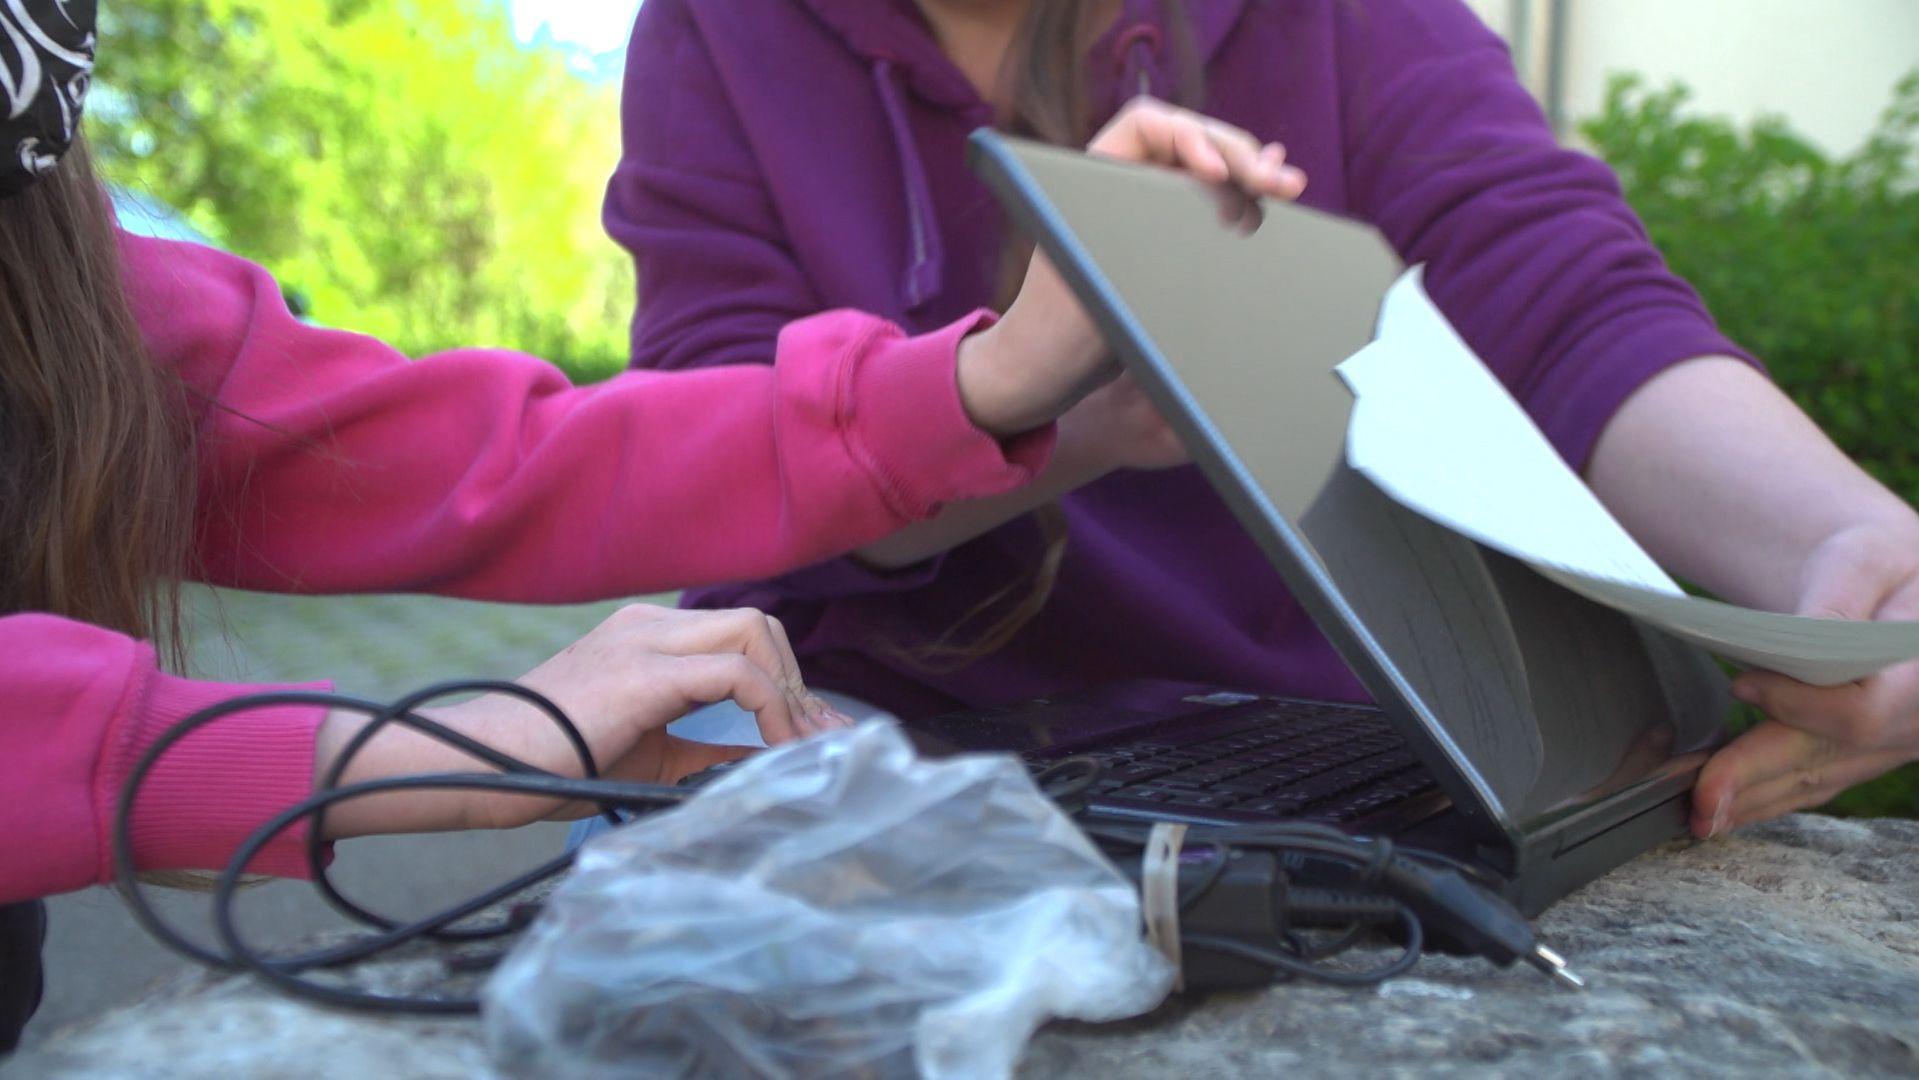 Übergabe eines Laptops